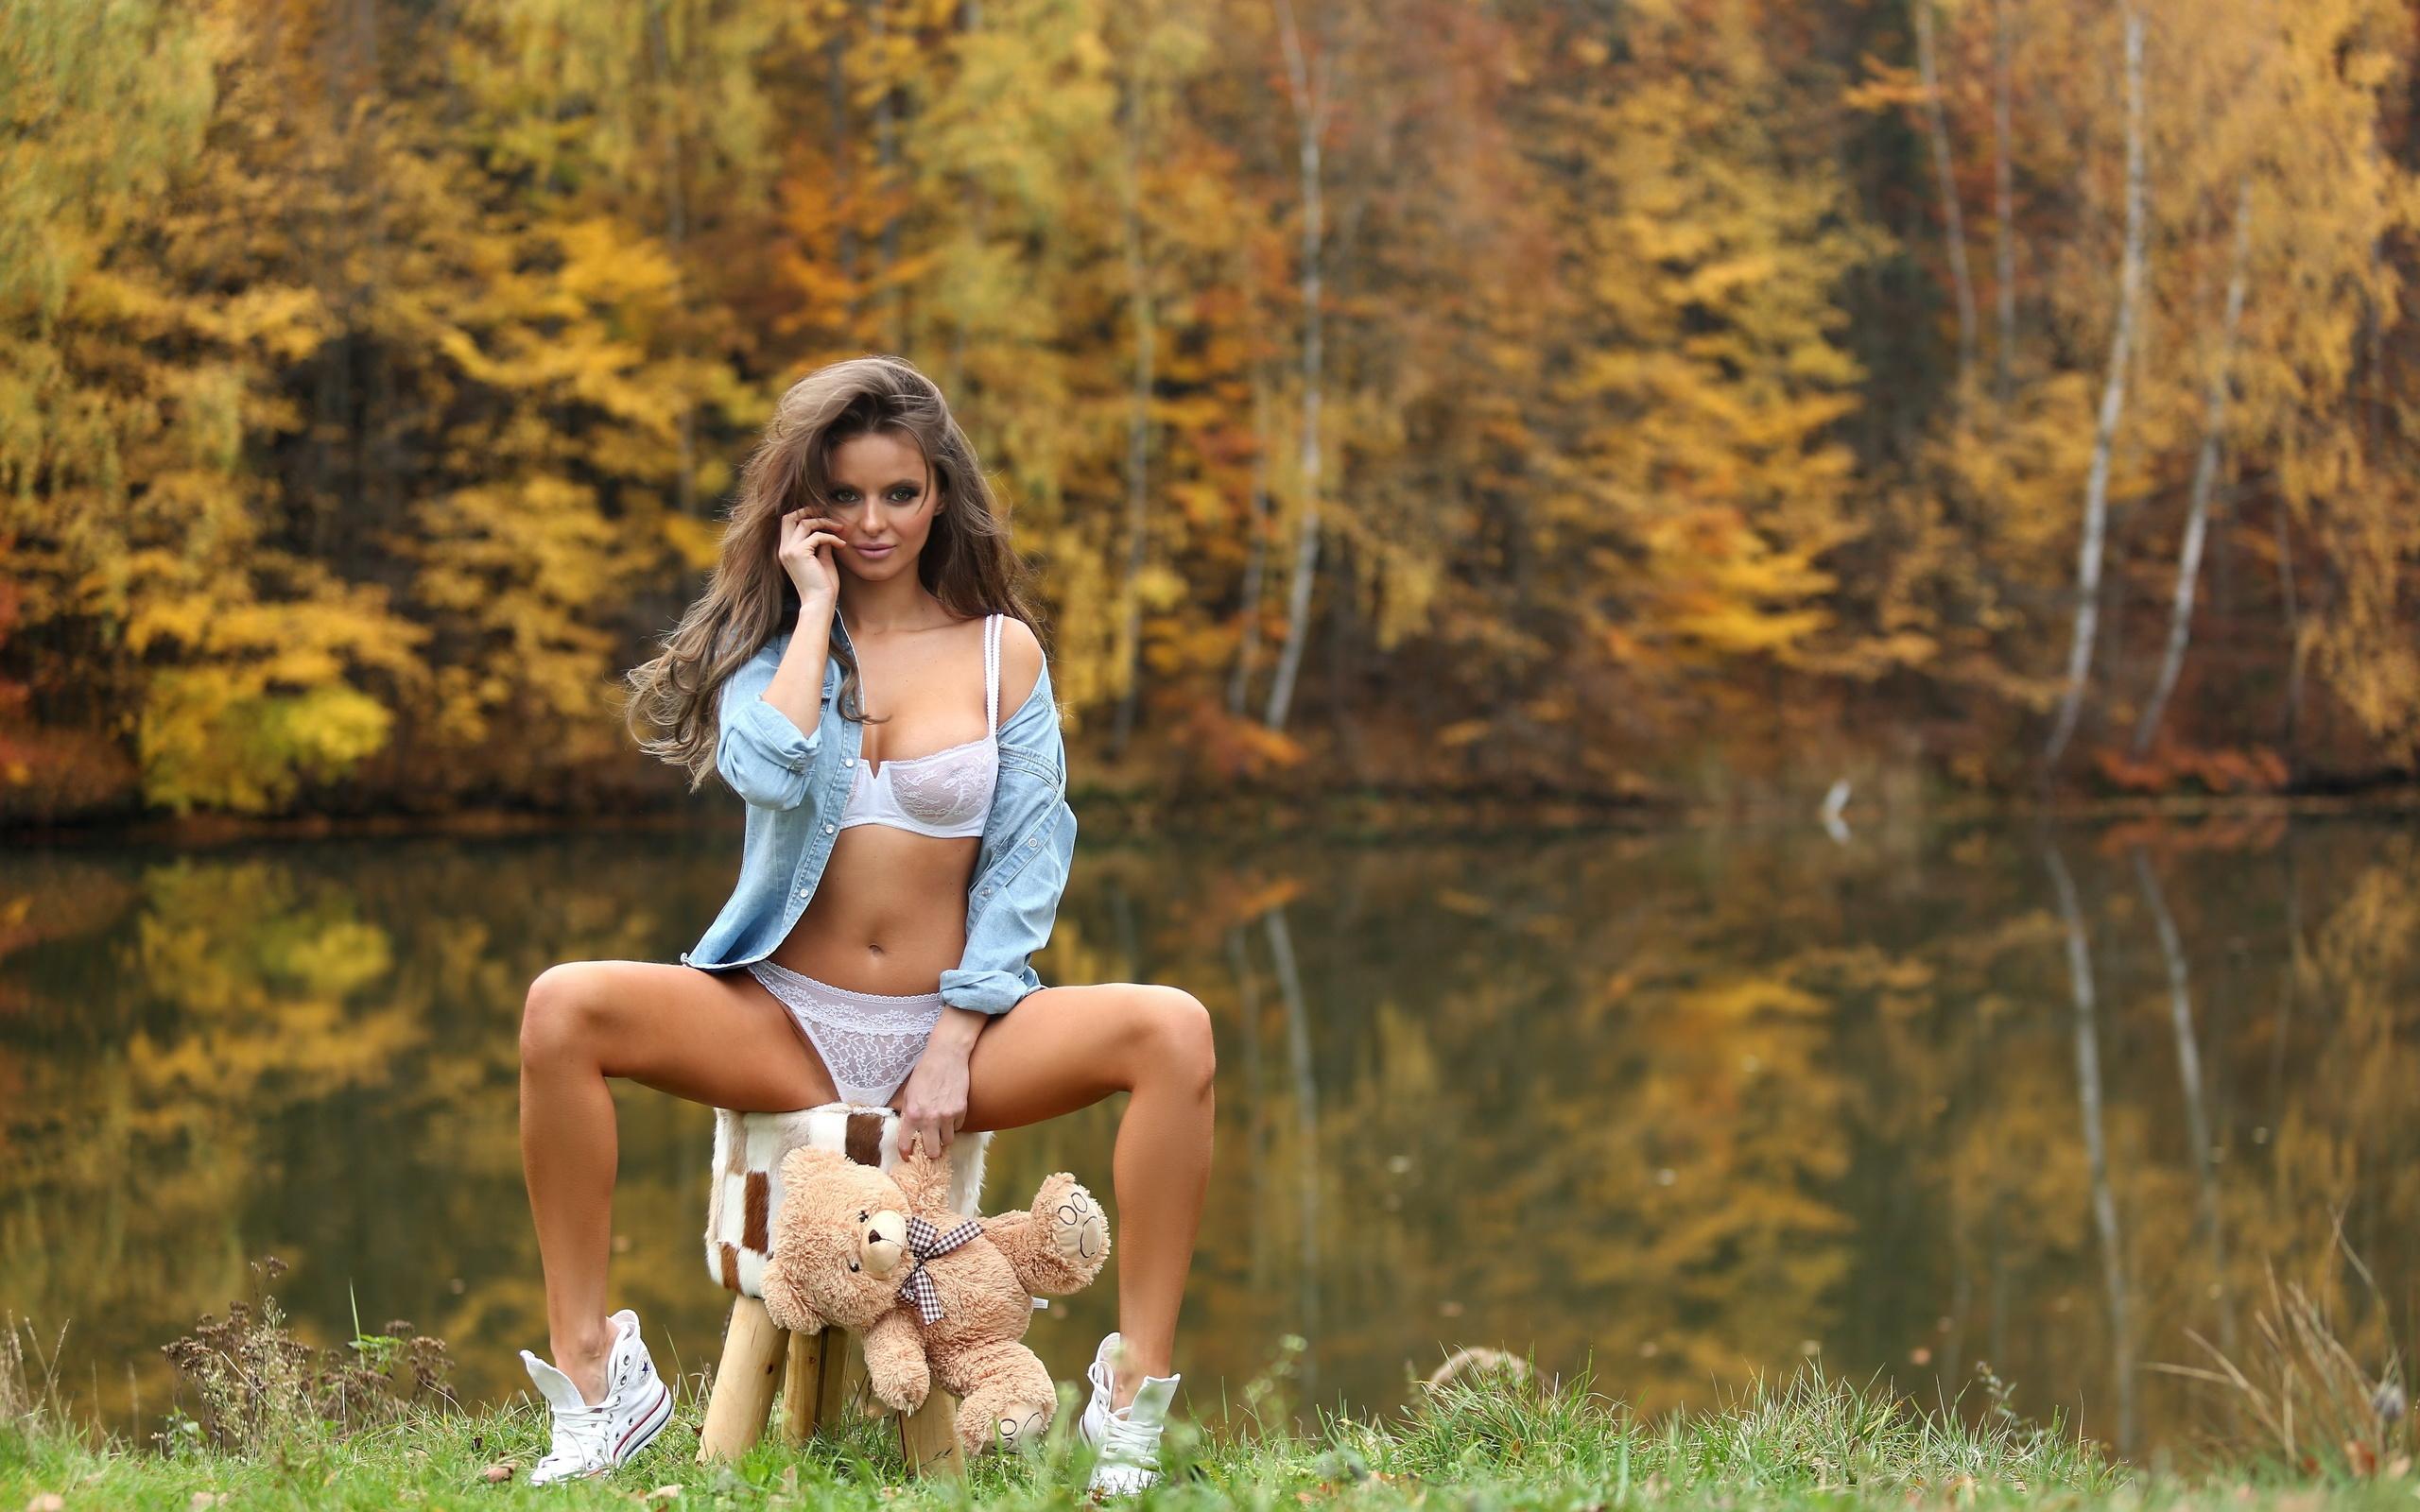 Секс на леса русские, Порно в лесу, секс на природе смотреть онлайн 23 фотография